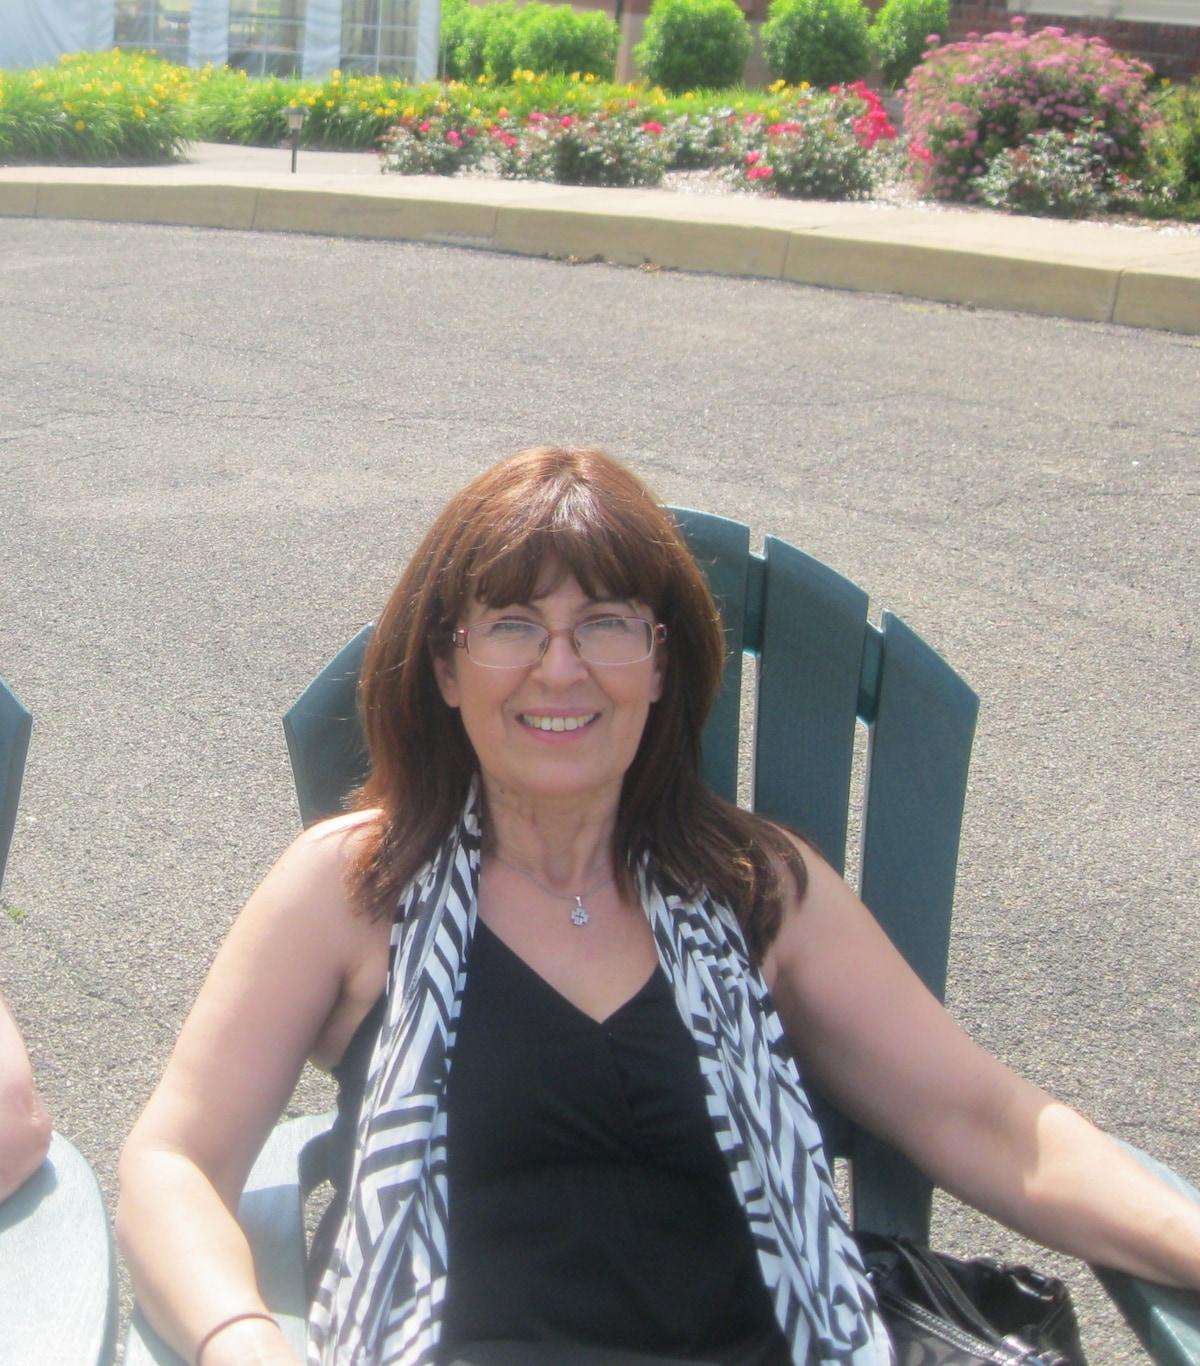 ΧΡΙΣΤΙΝΑ (Christine) from Arcadia